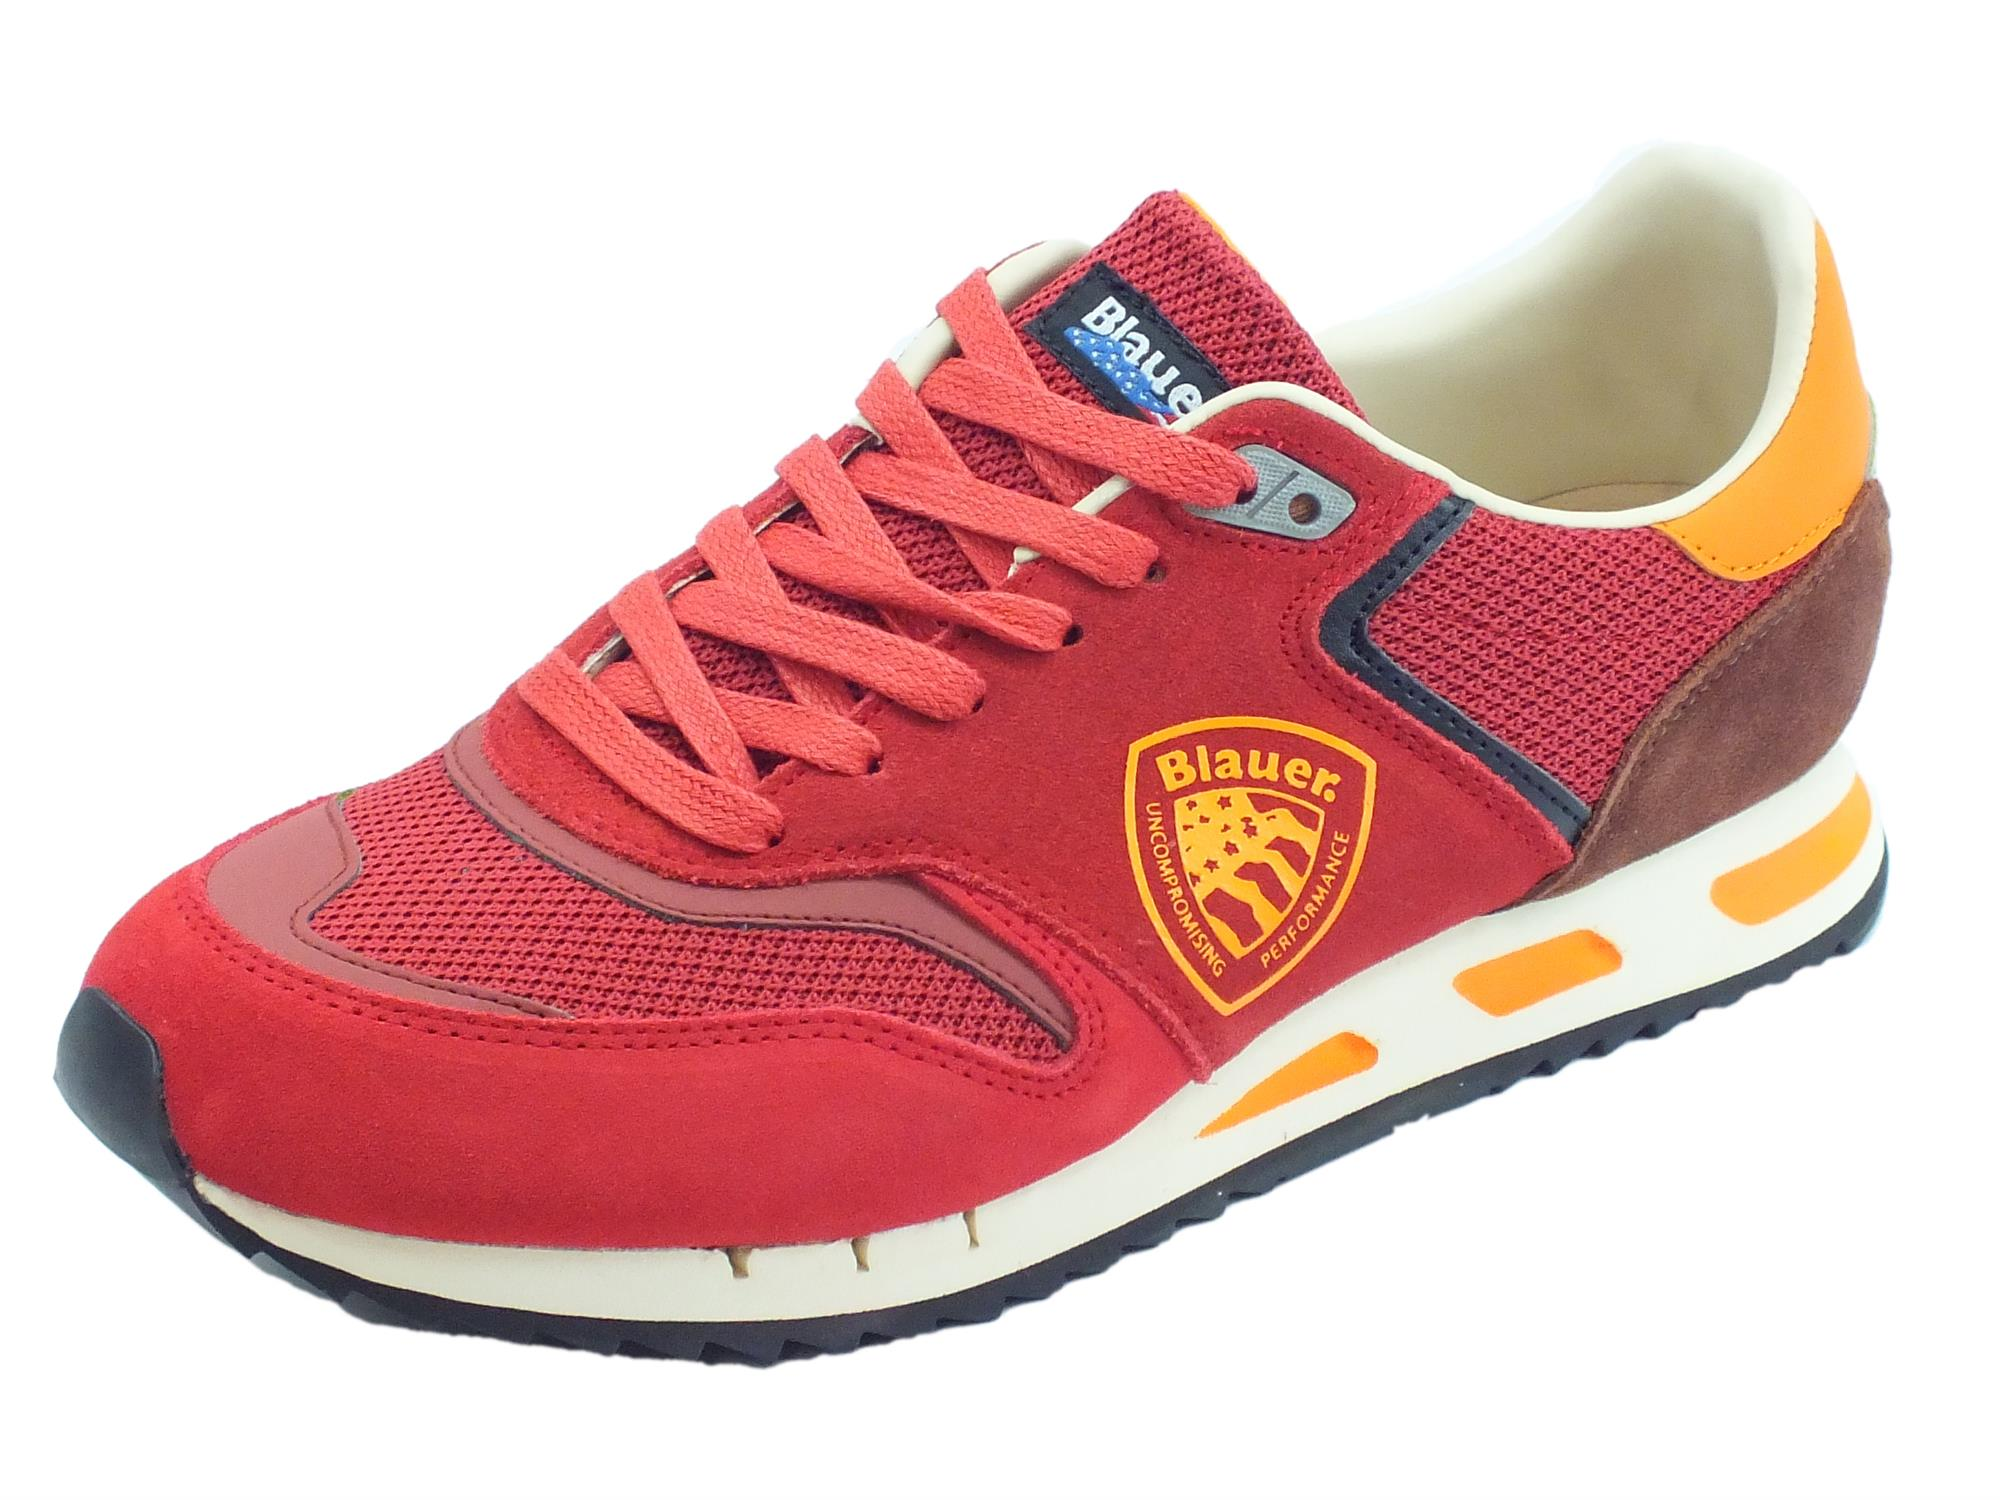 molto carino 316d8 cdd5f Blauer USA Memphis 06 scarpe sportive uomo rosso